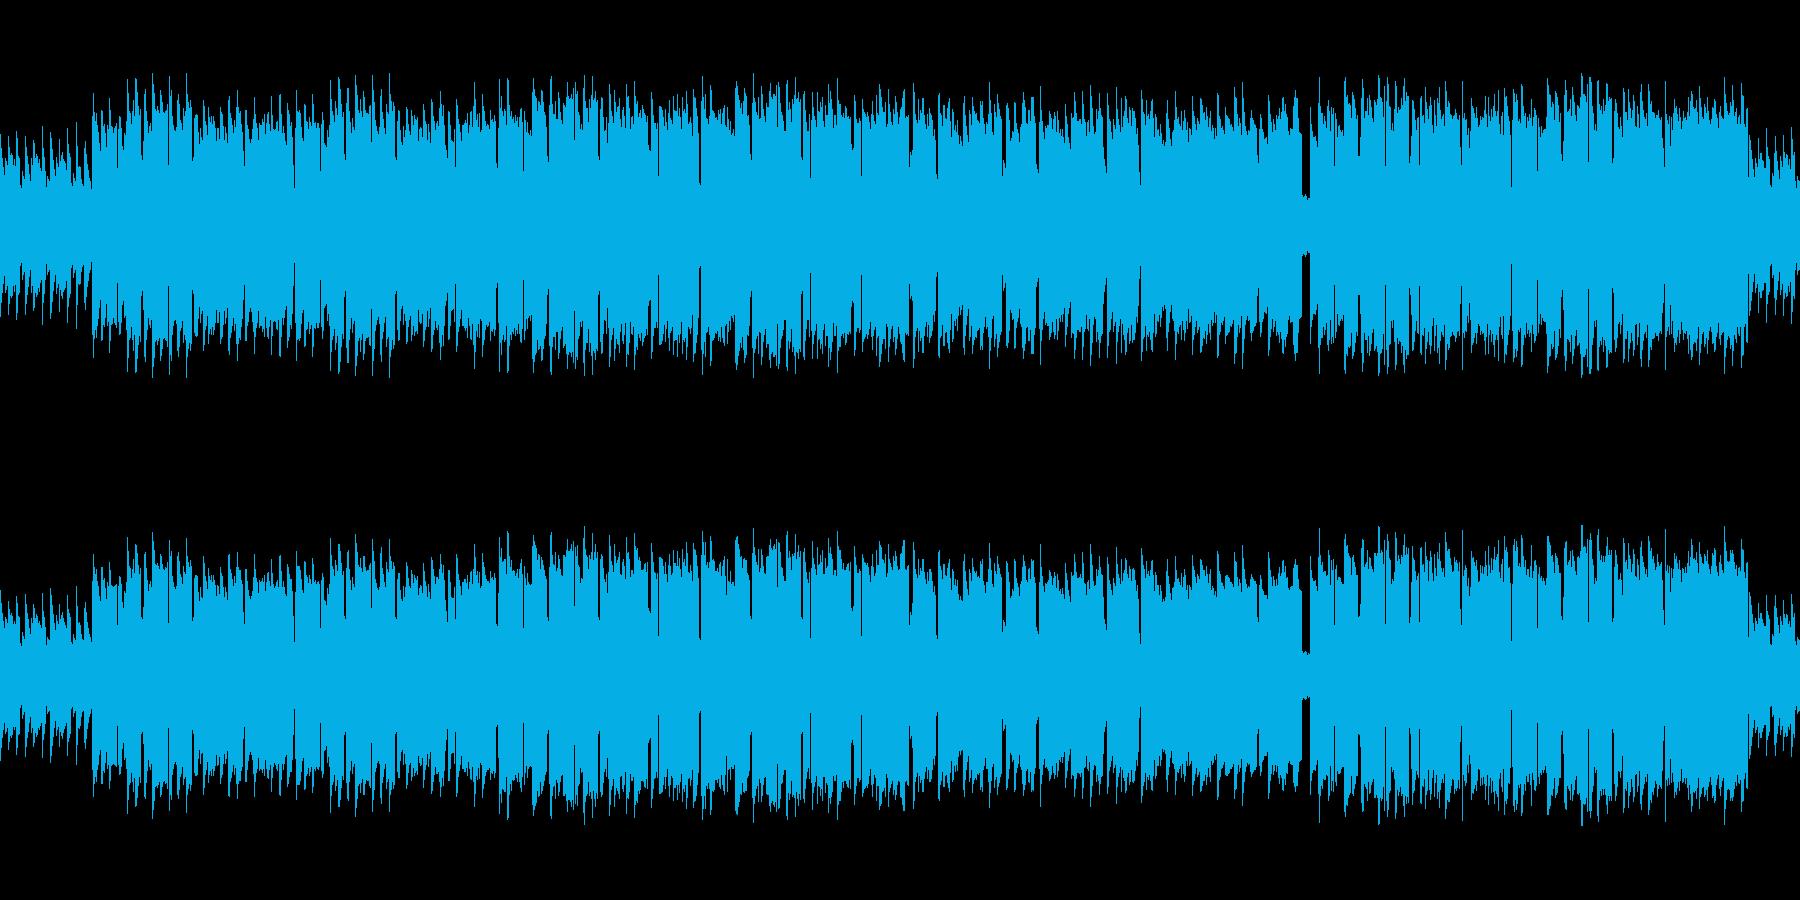 8bitサウンドの癒し系民族調ワルツの再生済みの波形